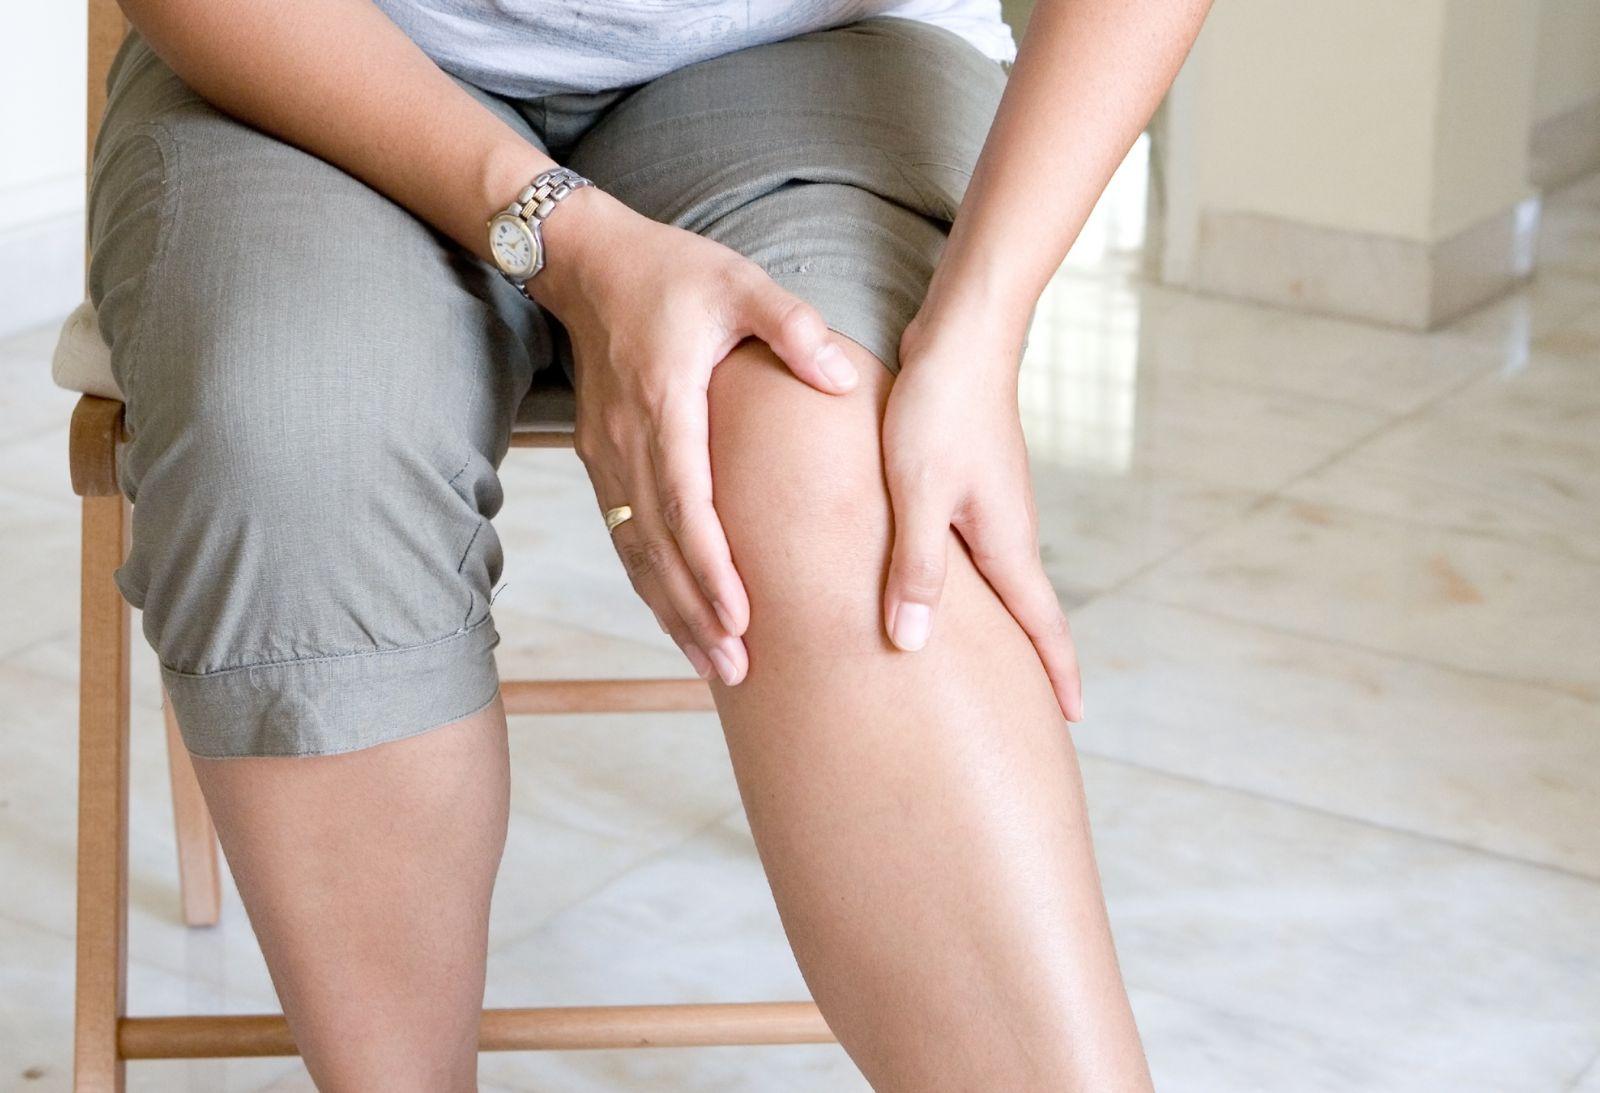 Swellings in pregnant women